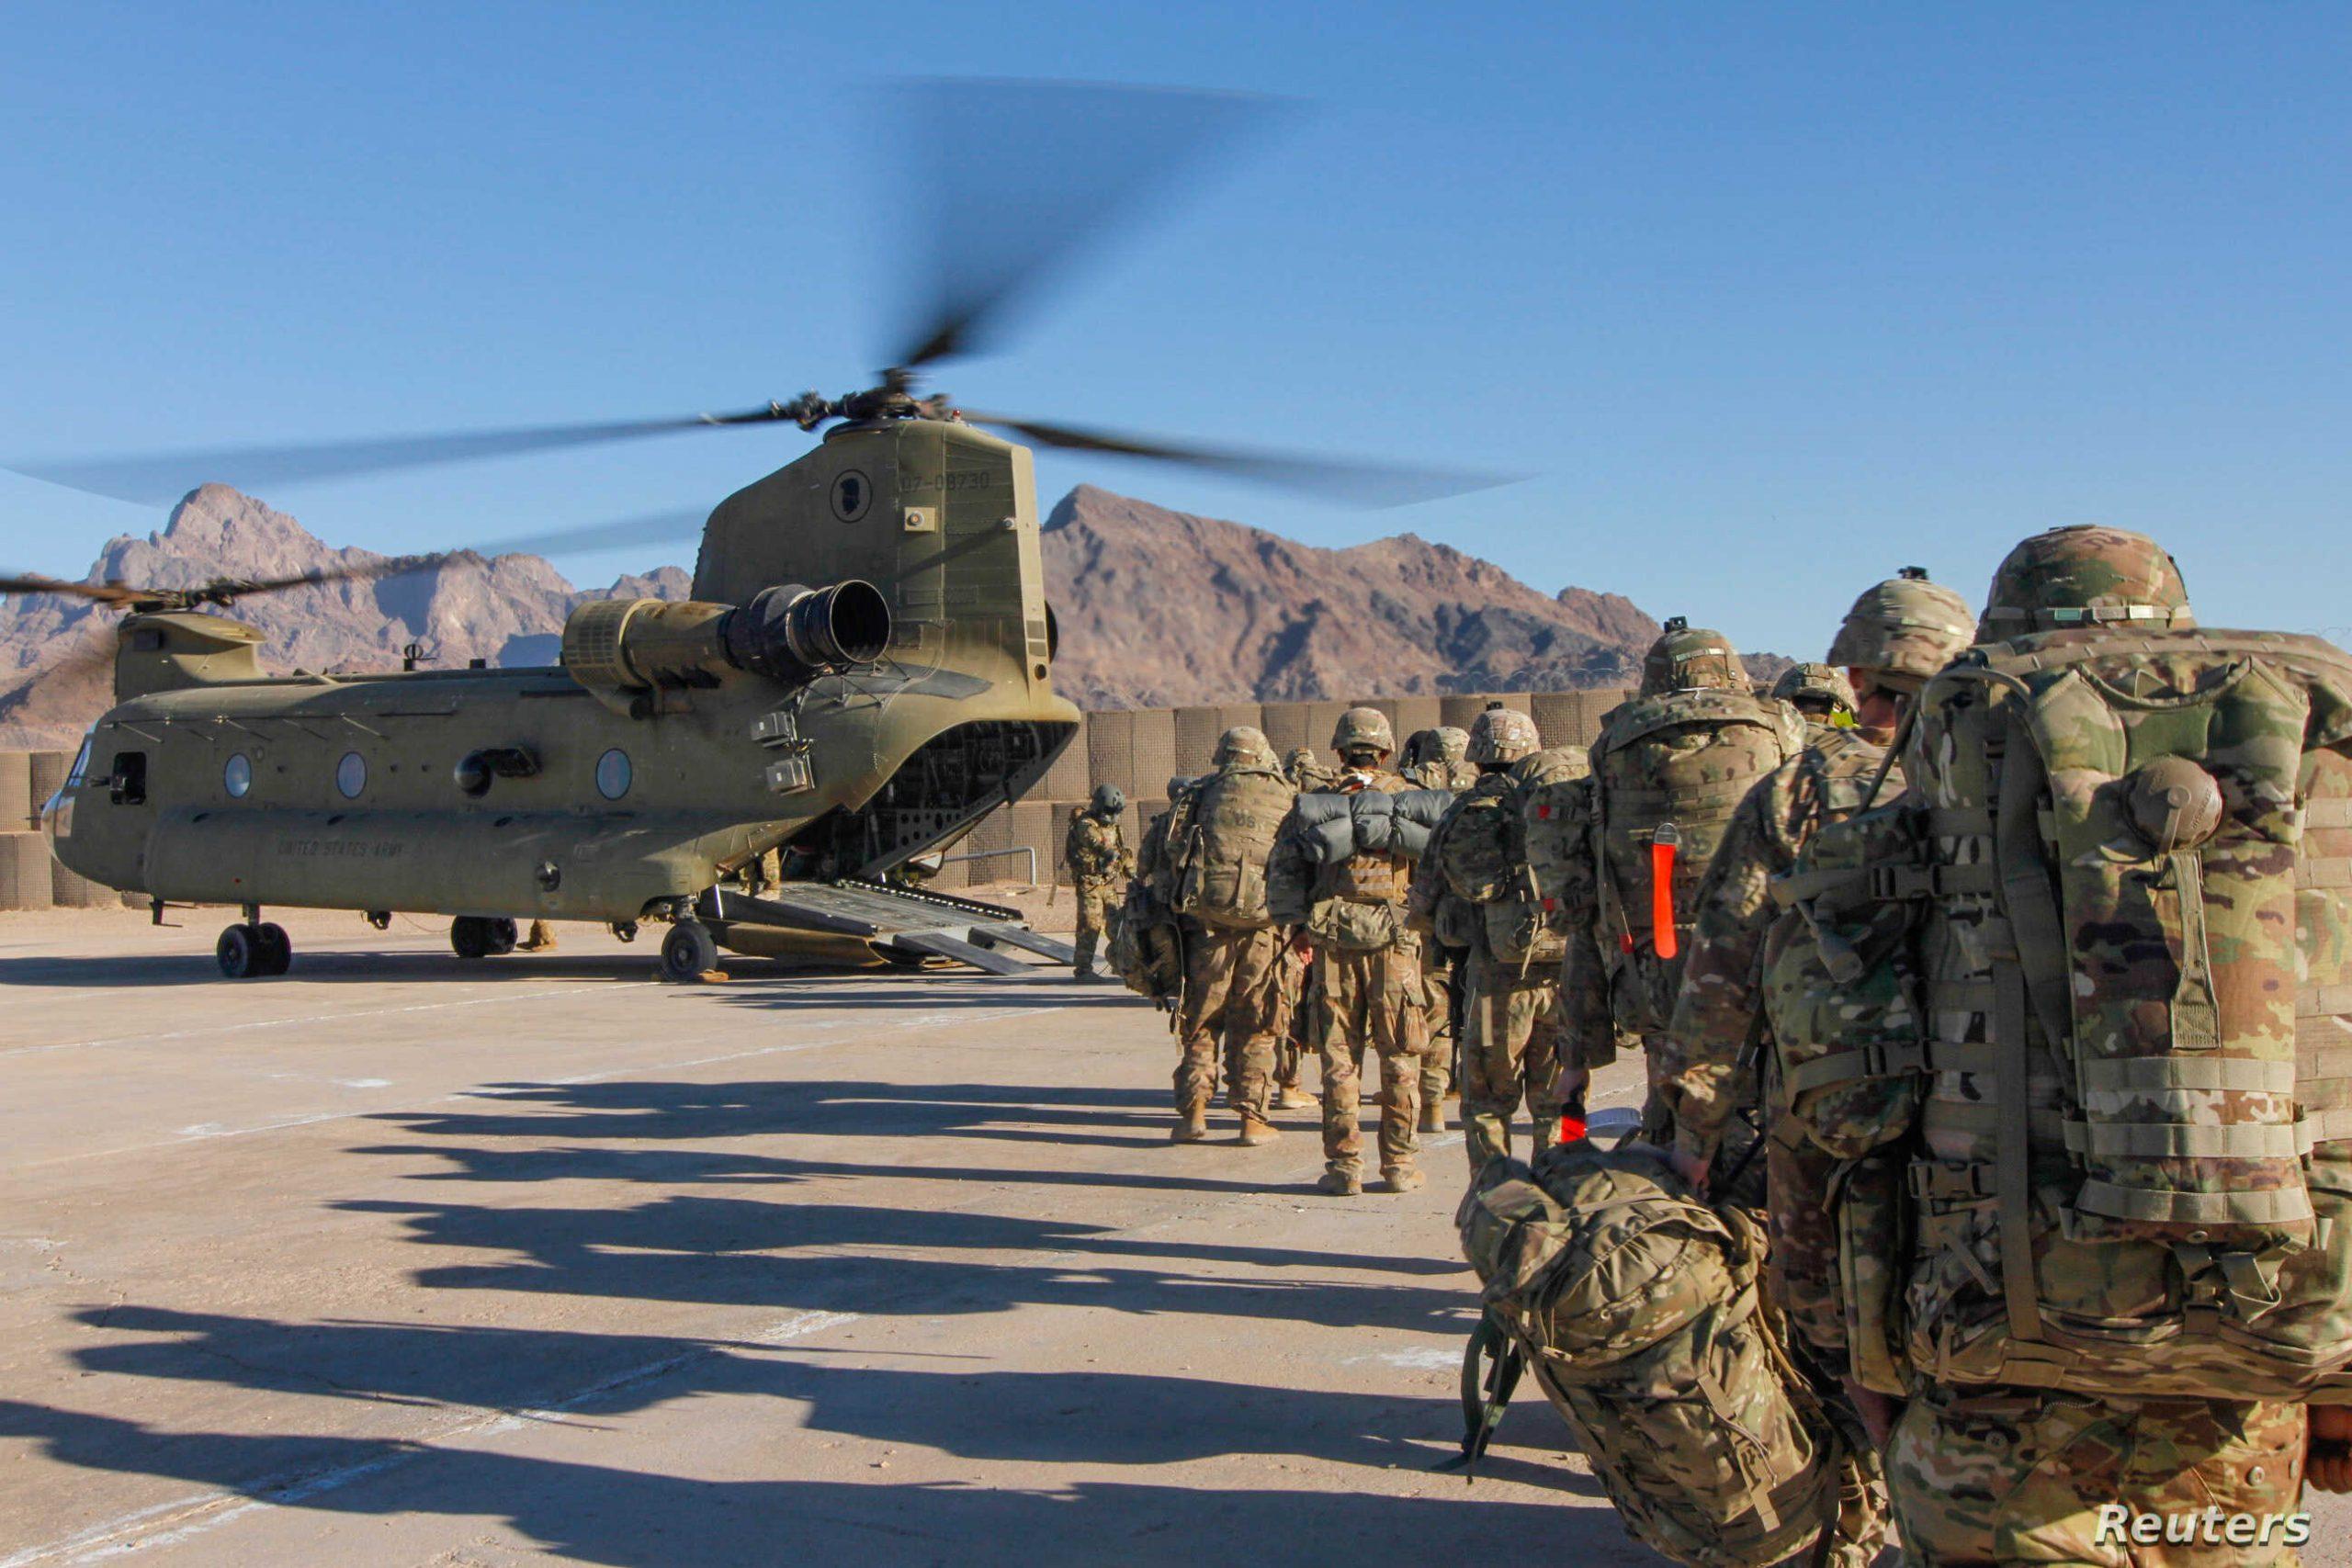 امریکا به افغانستان خطرونو ته پرېږدي؟